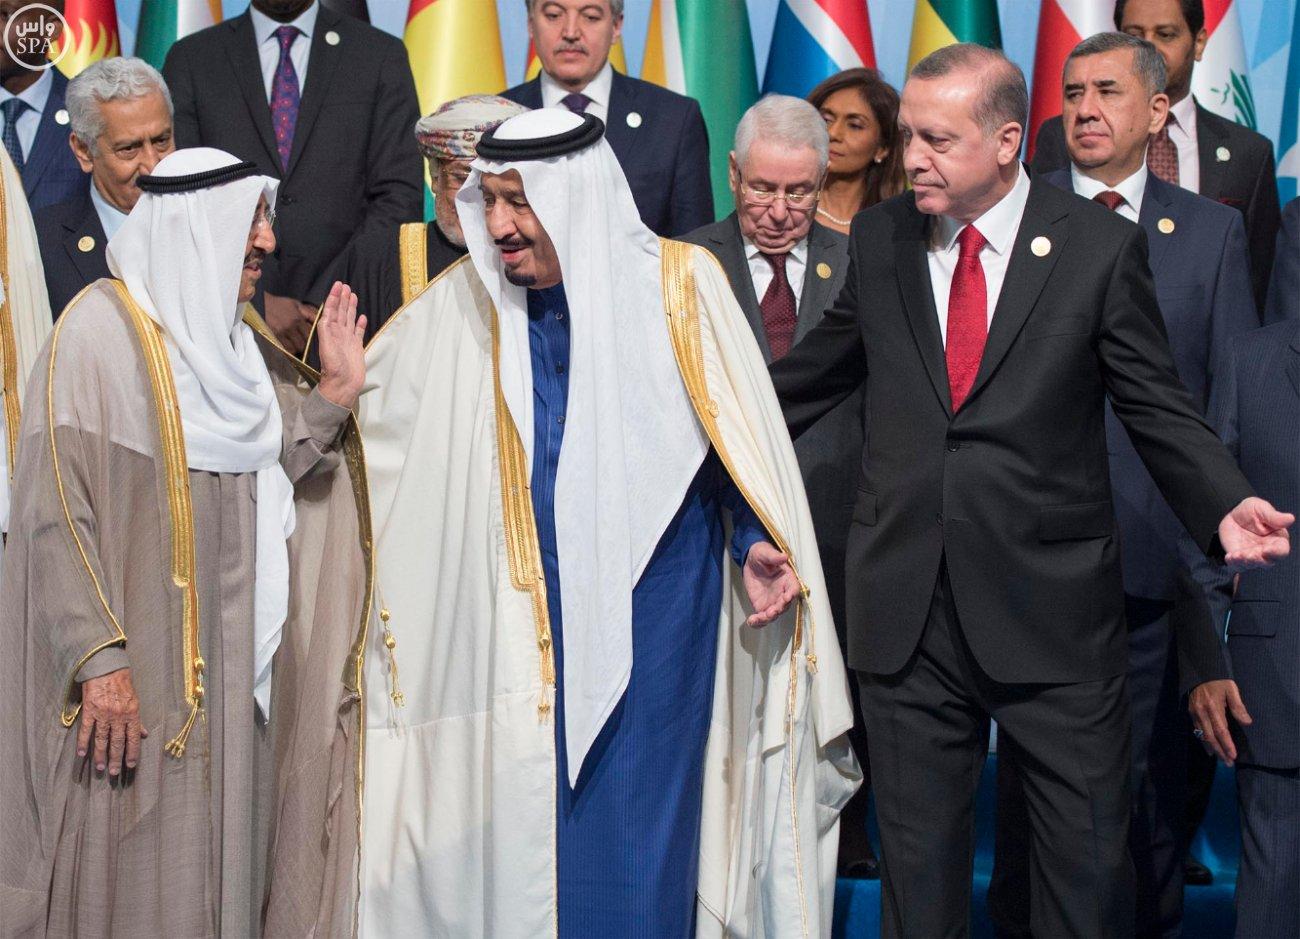 الملك سلمان بالقمة الاسلامية بتركيا (1)